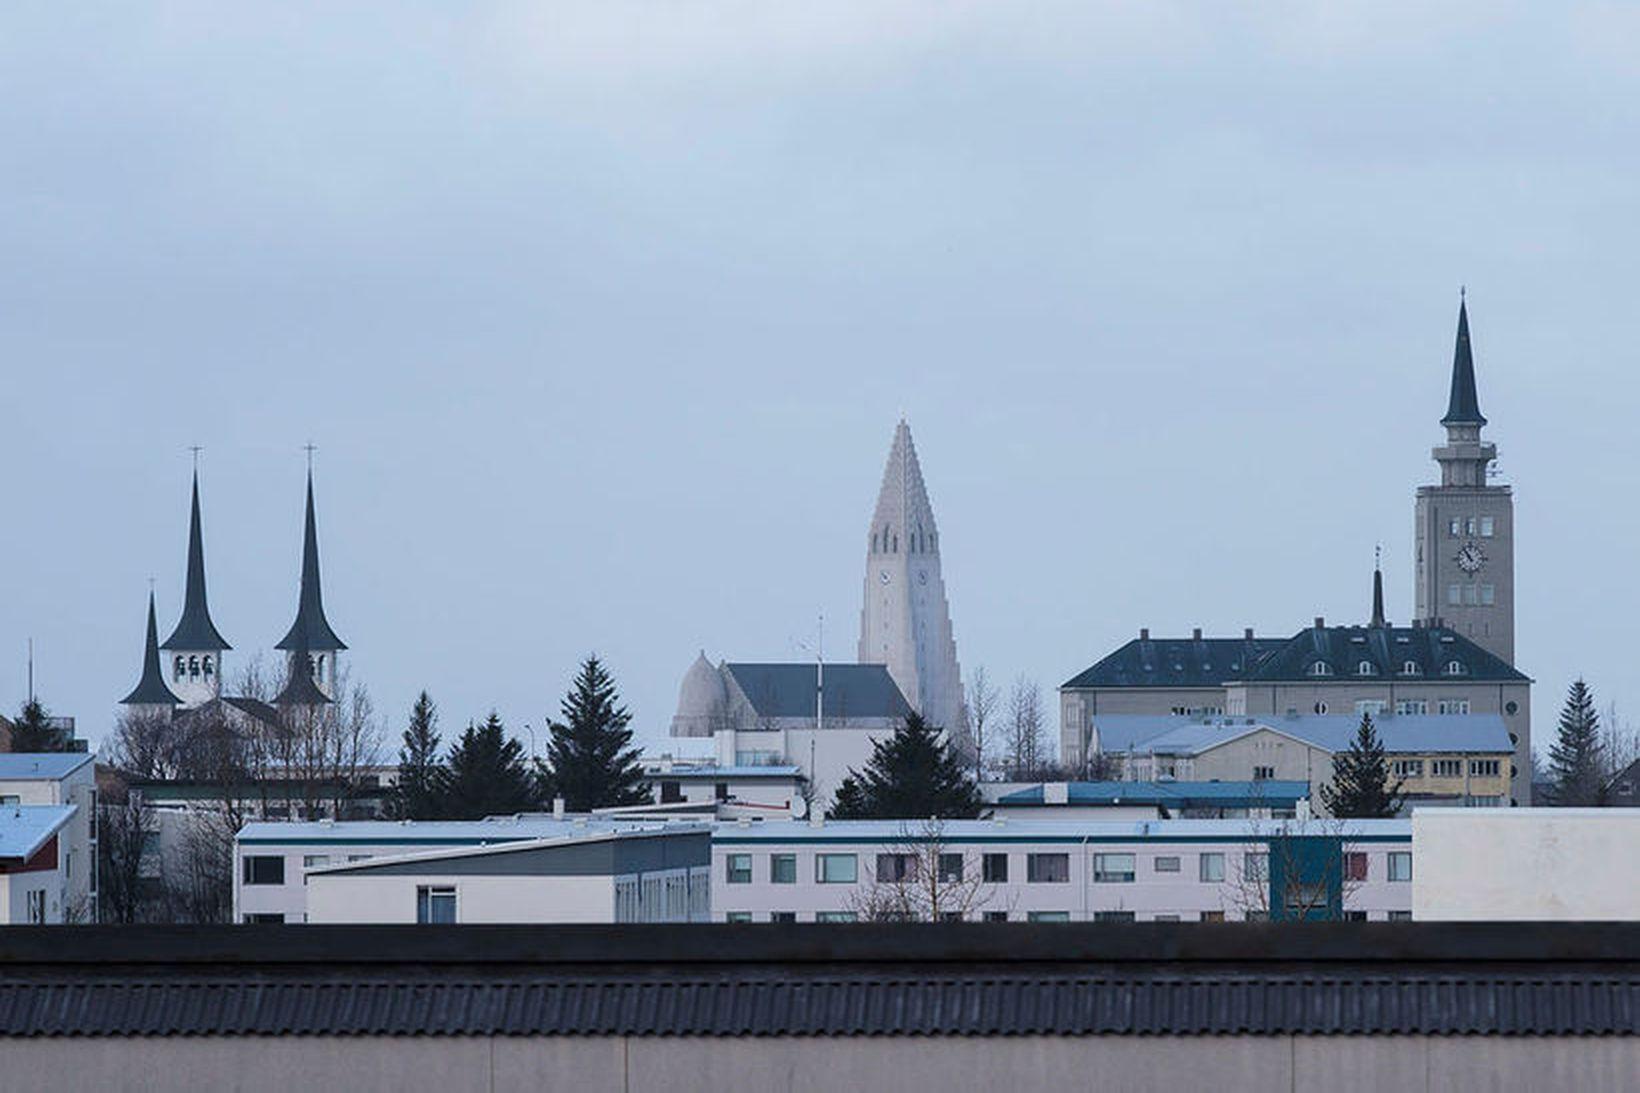 Eitt sárasóttartilfelli greindist á Íslandi árið 2007, fimm árið 2010 …